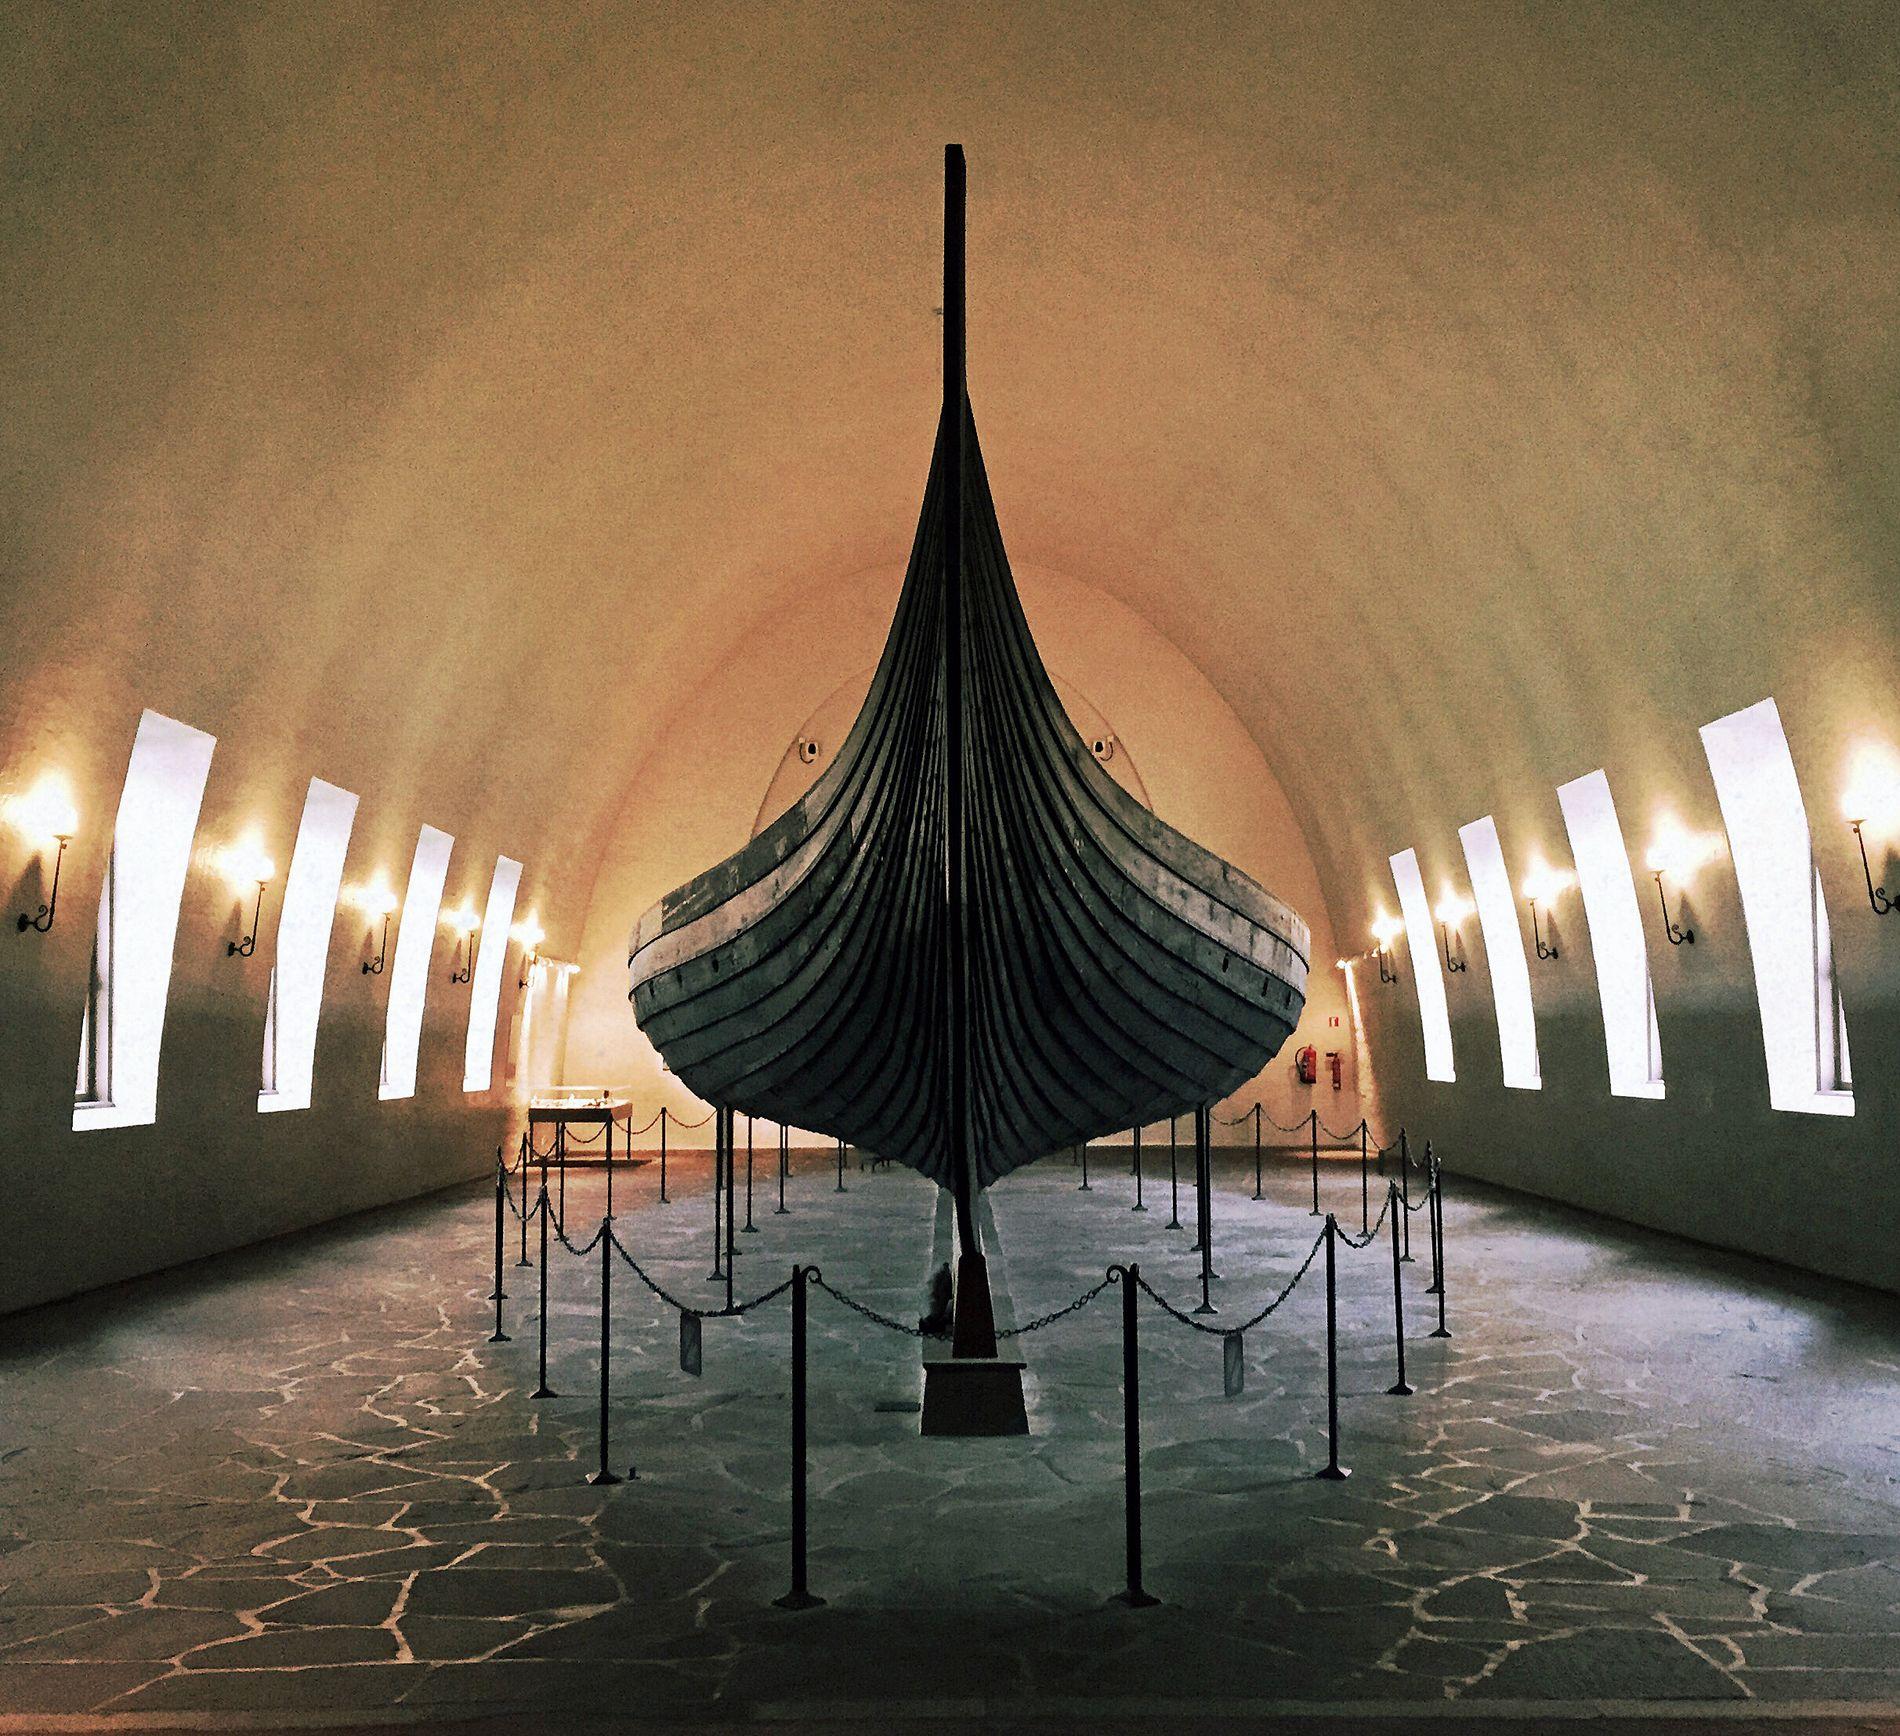 DRAMATISK: Osebergskipet i Vikingskipshuset på Bygdøy er nå i så dårlig forfatning at det uten forvarsel kan bryte sammen. Det haster å få realisert det nye Vikingtidsmuseet som allerede er vedtatt.